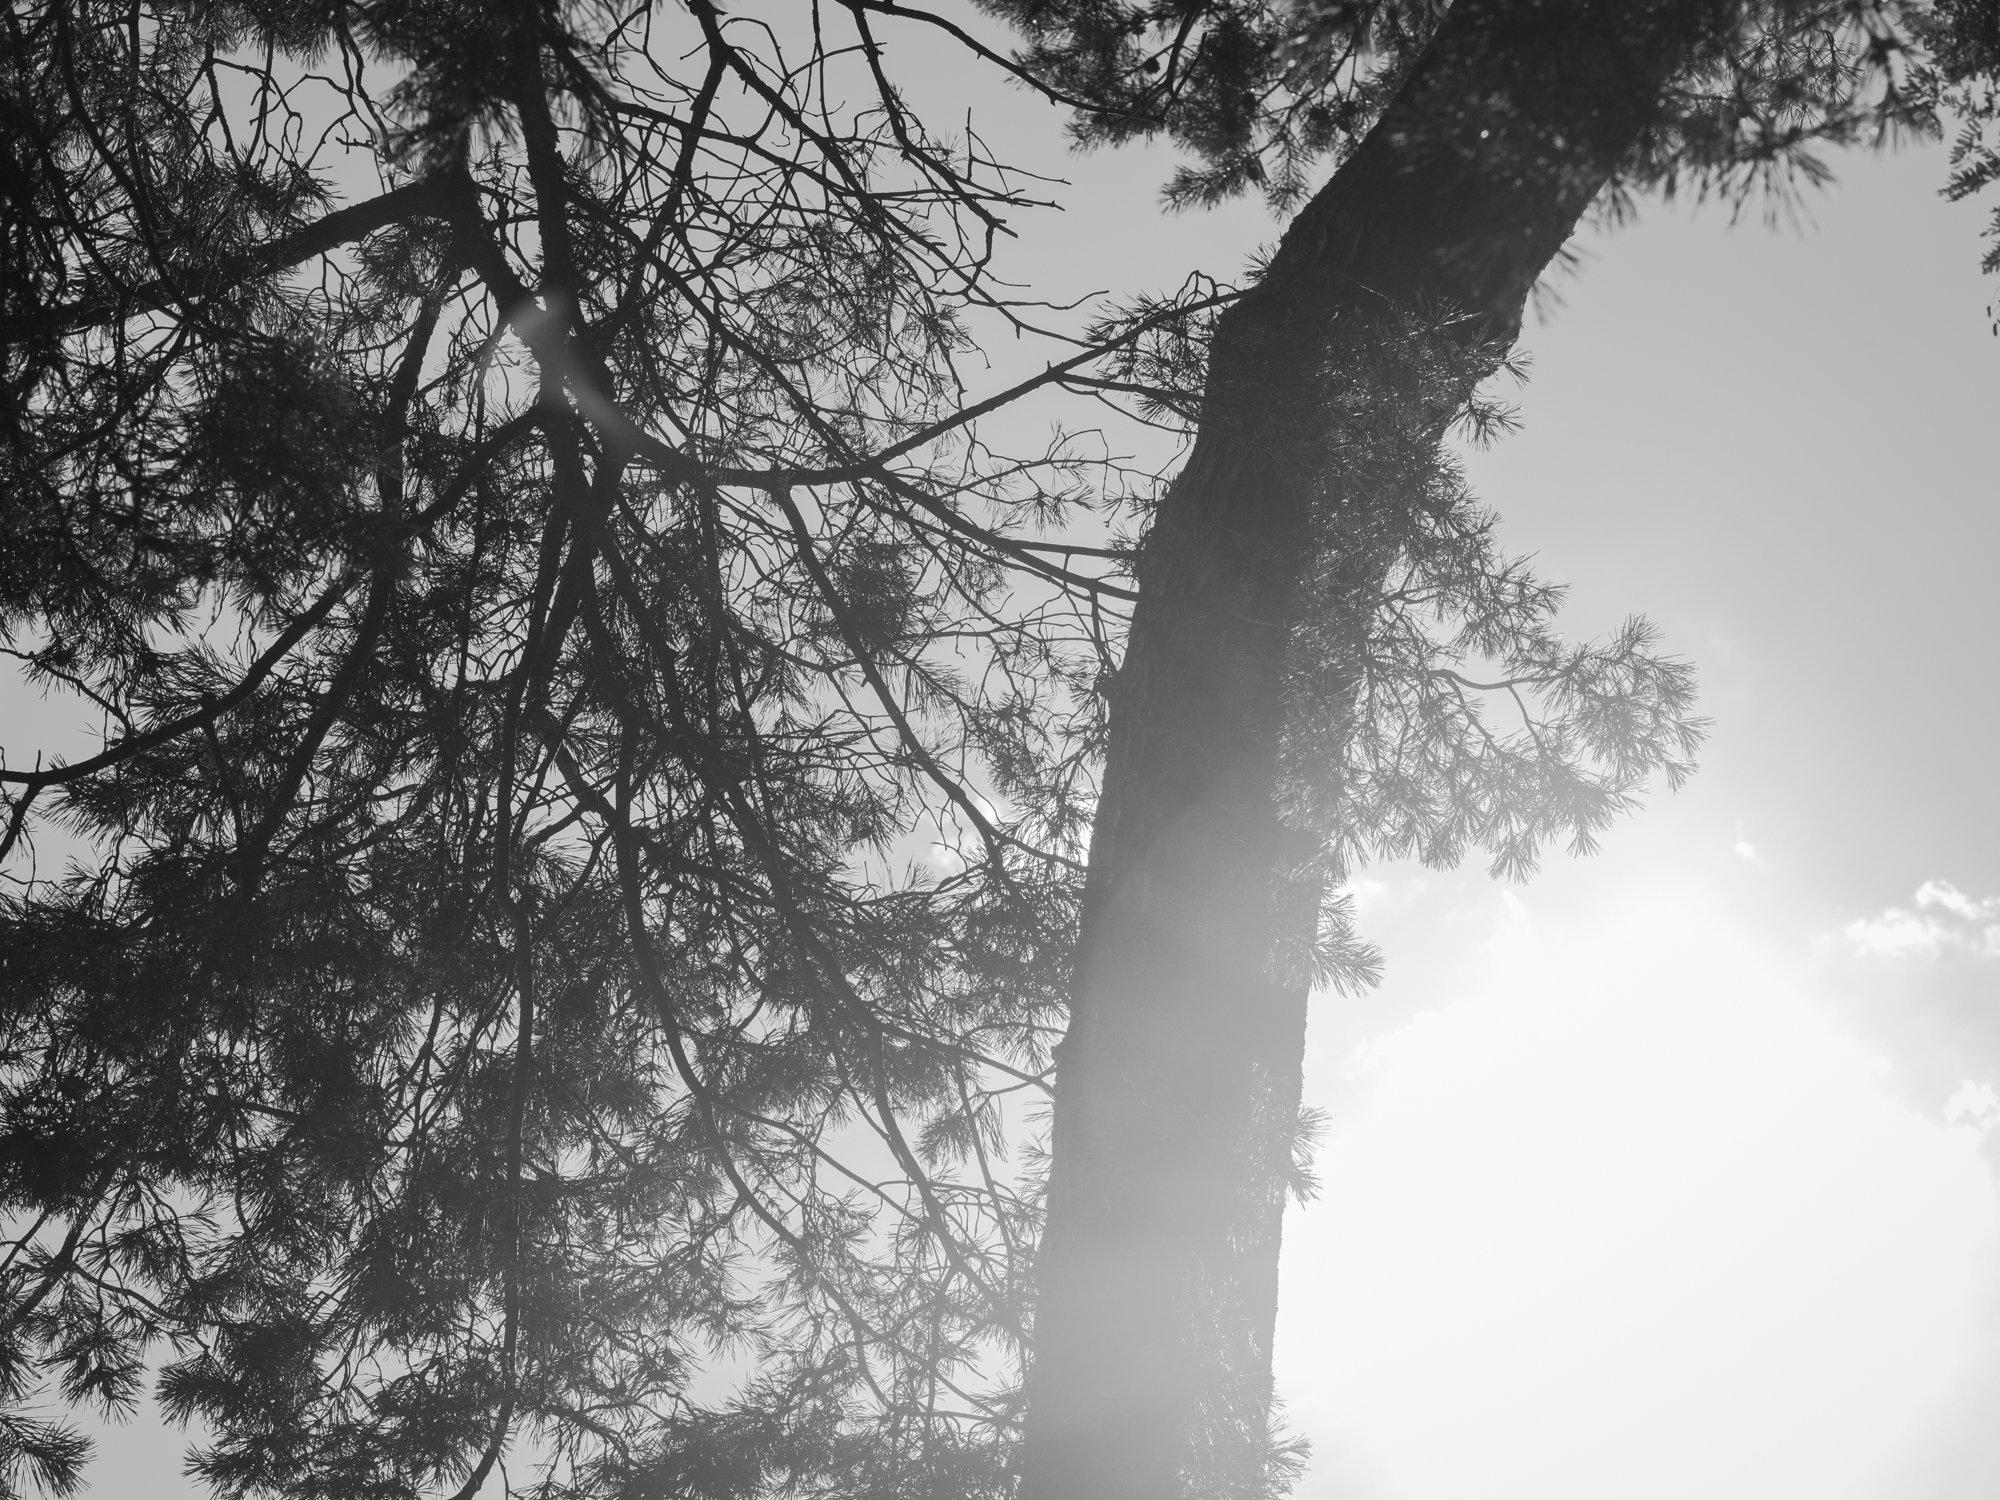 Berliinin_havupuut.JPG